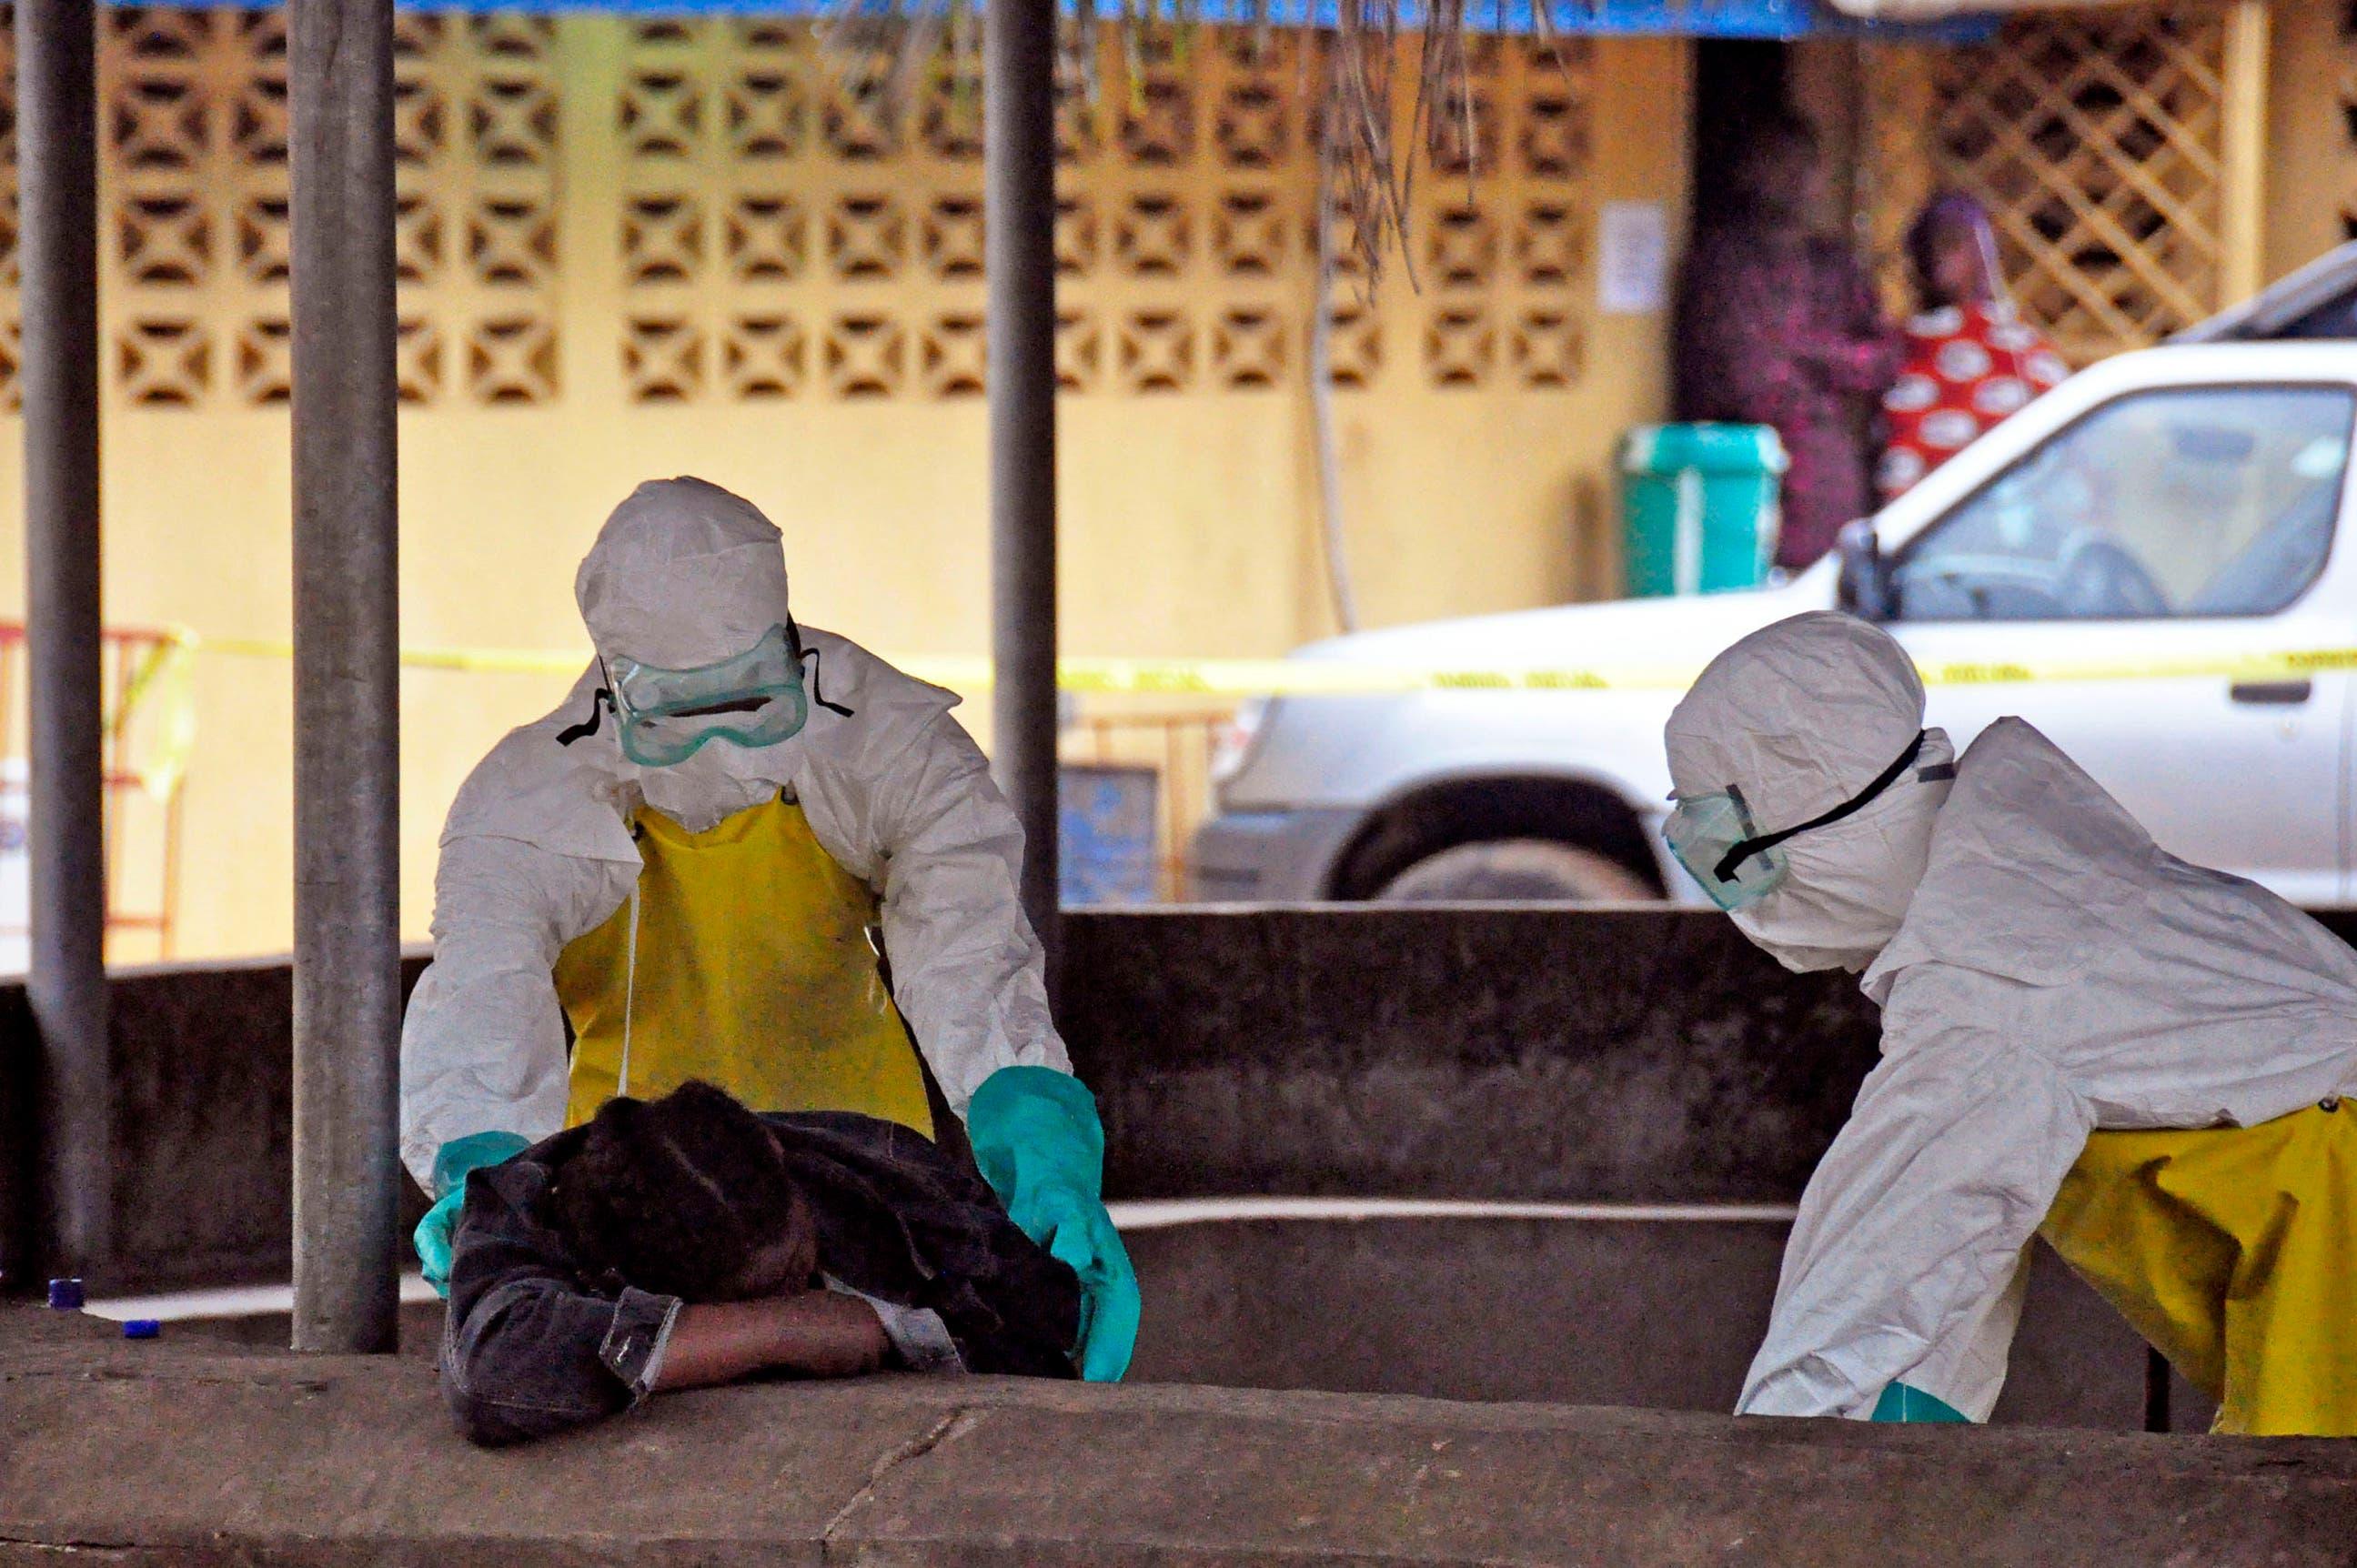 Cerca de 20 personas tuvieron contacto con el paciente con ébola en EEUU